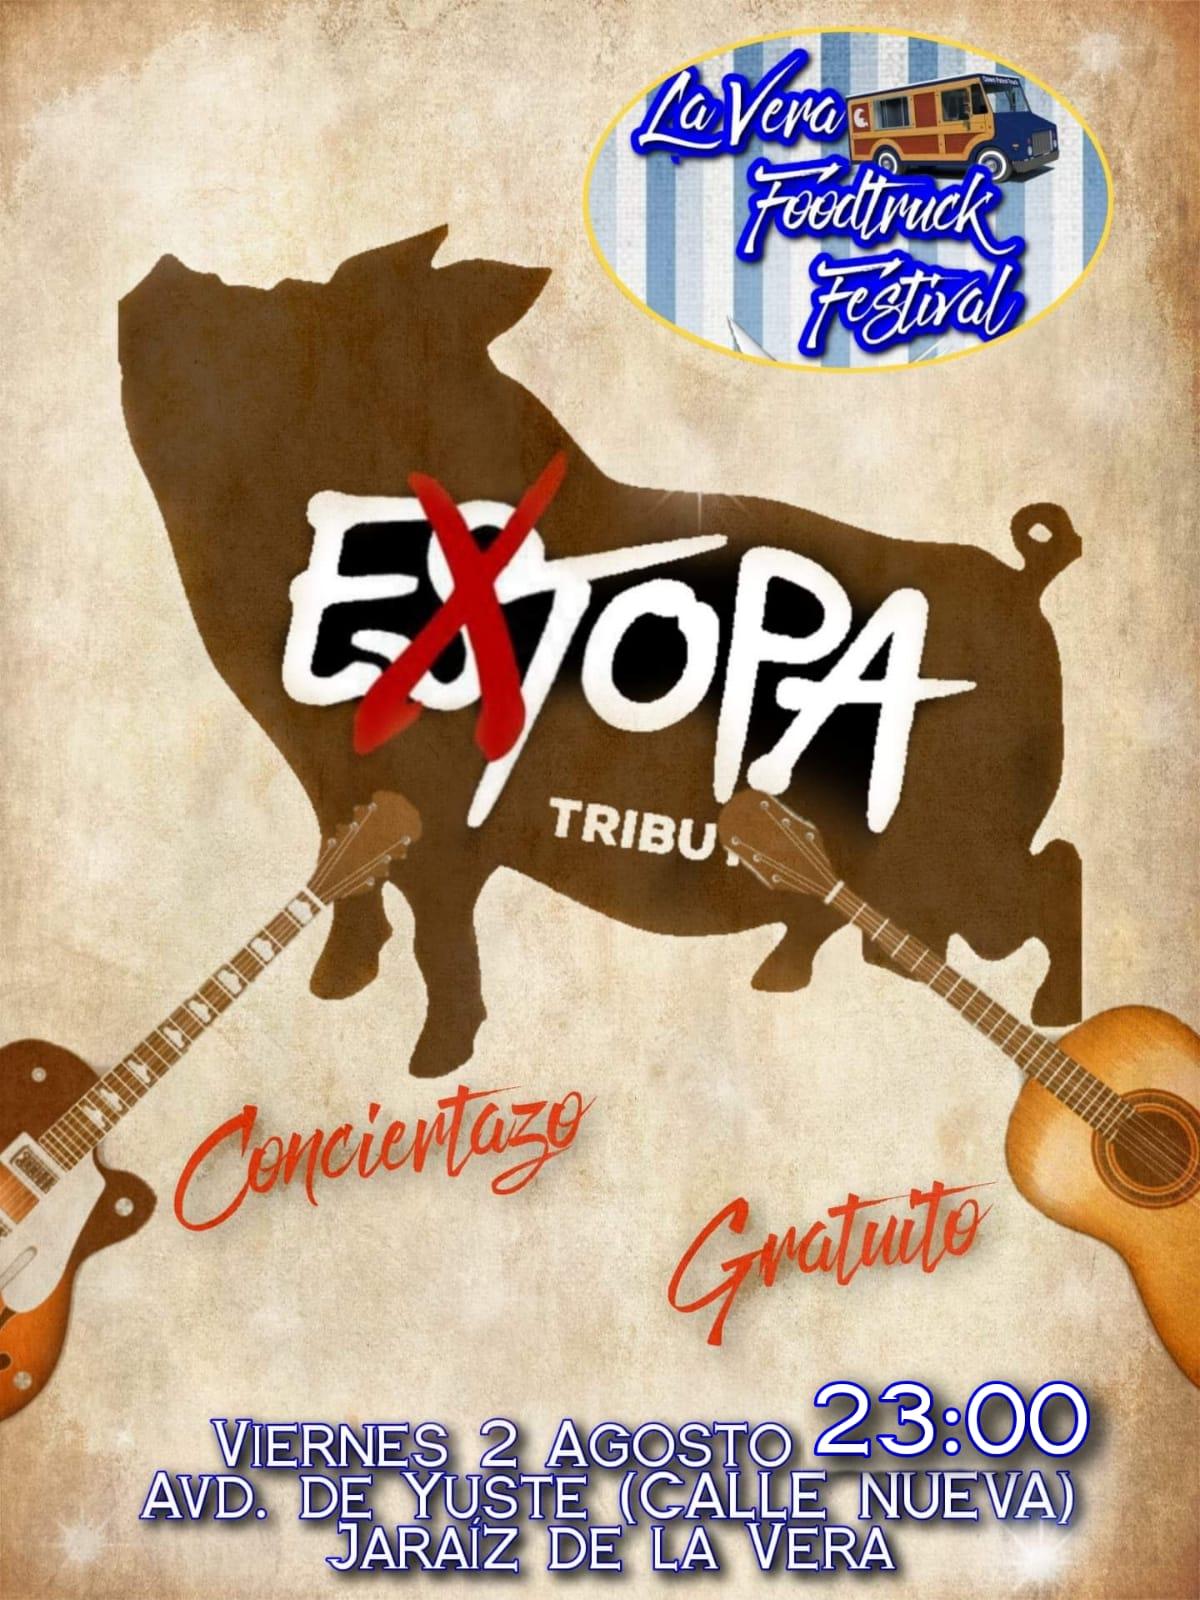 Extopa Tributo a Estopa con los food trucks en Jaraiz de la Vera